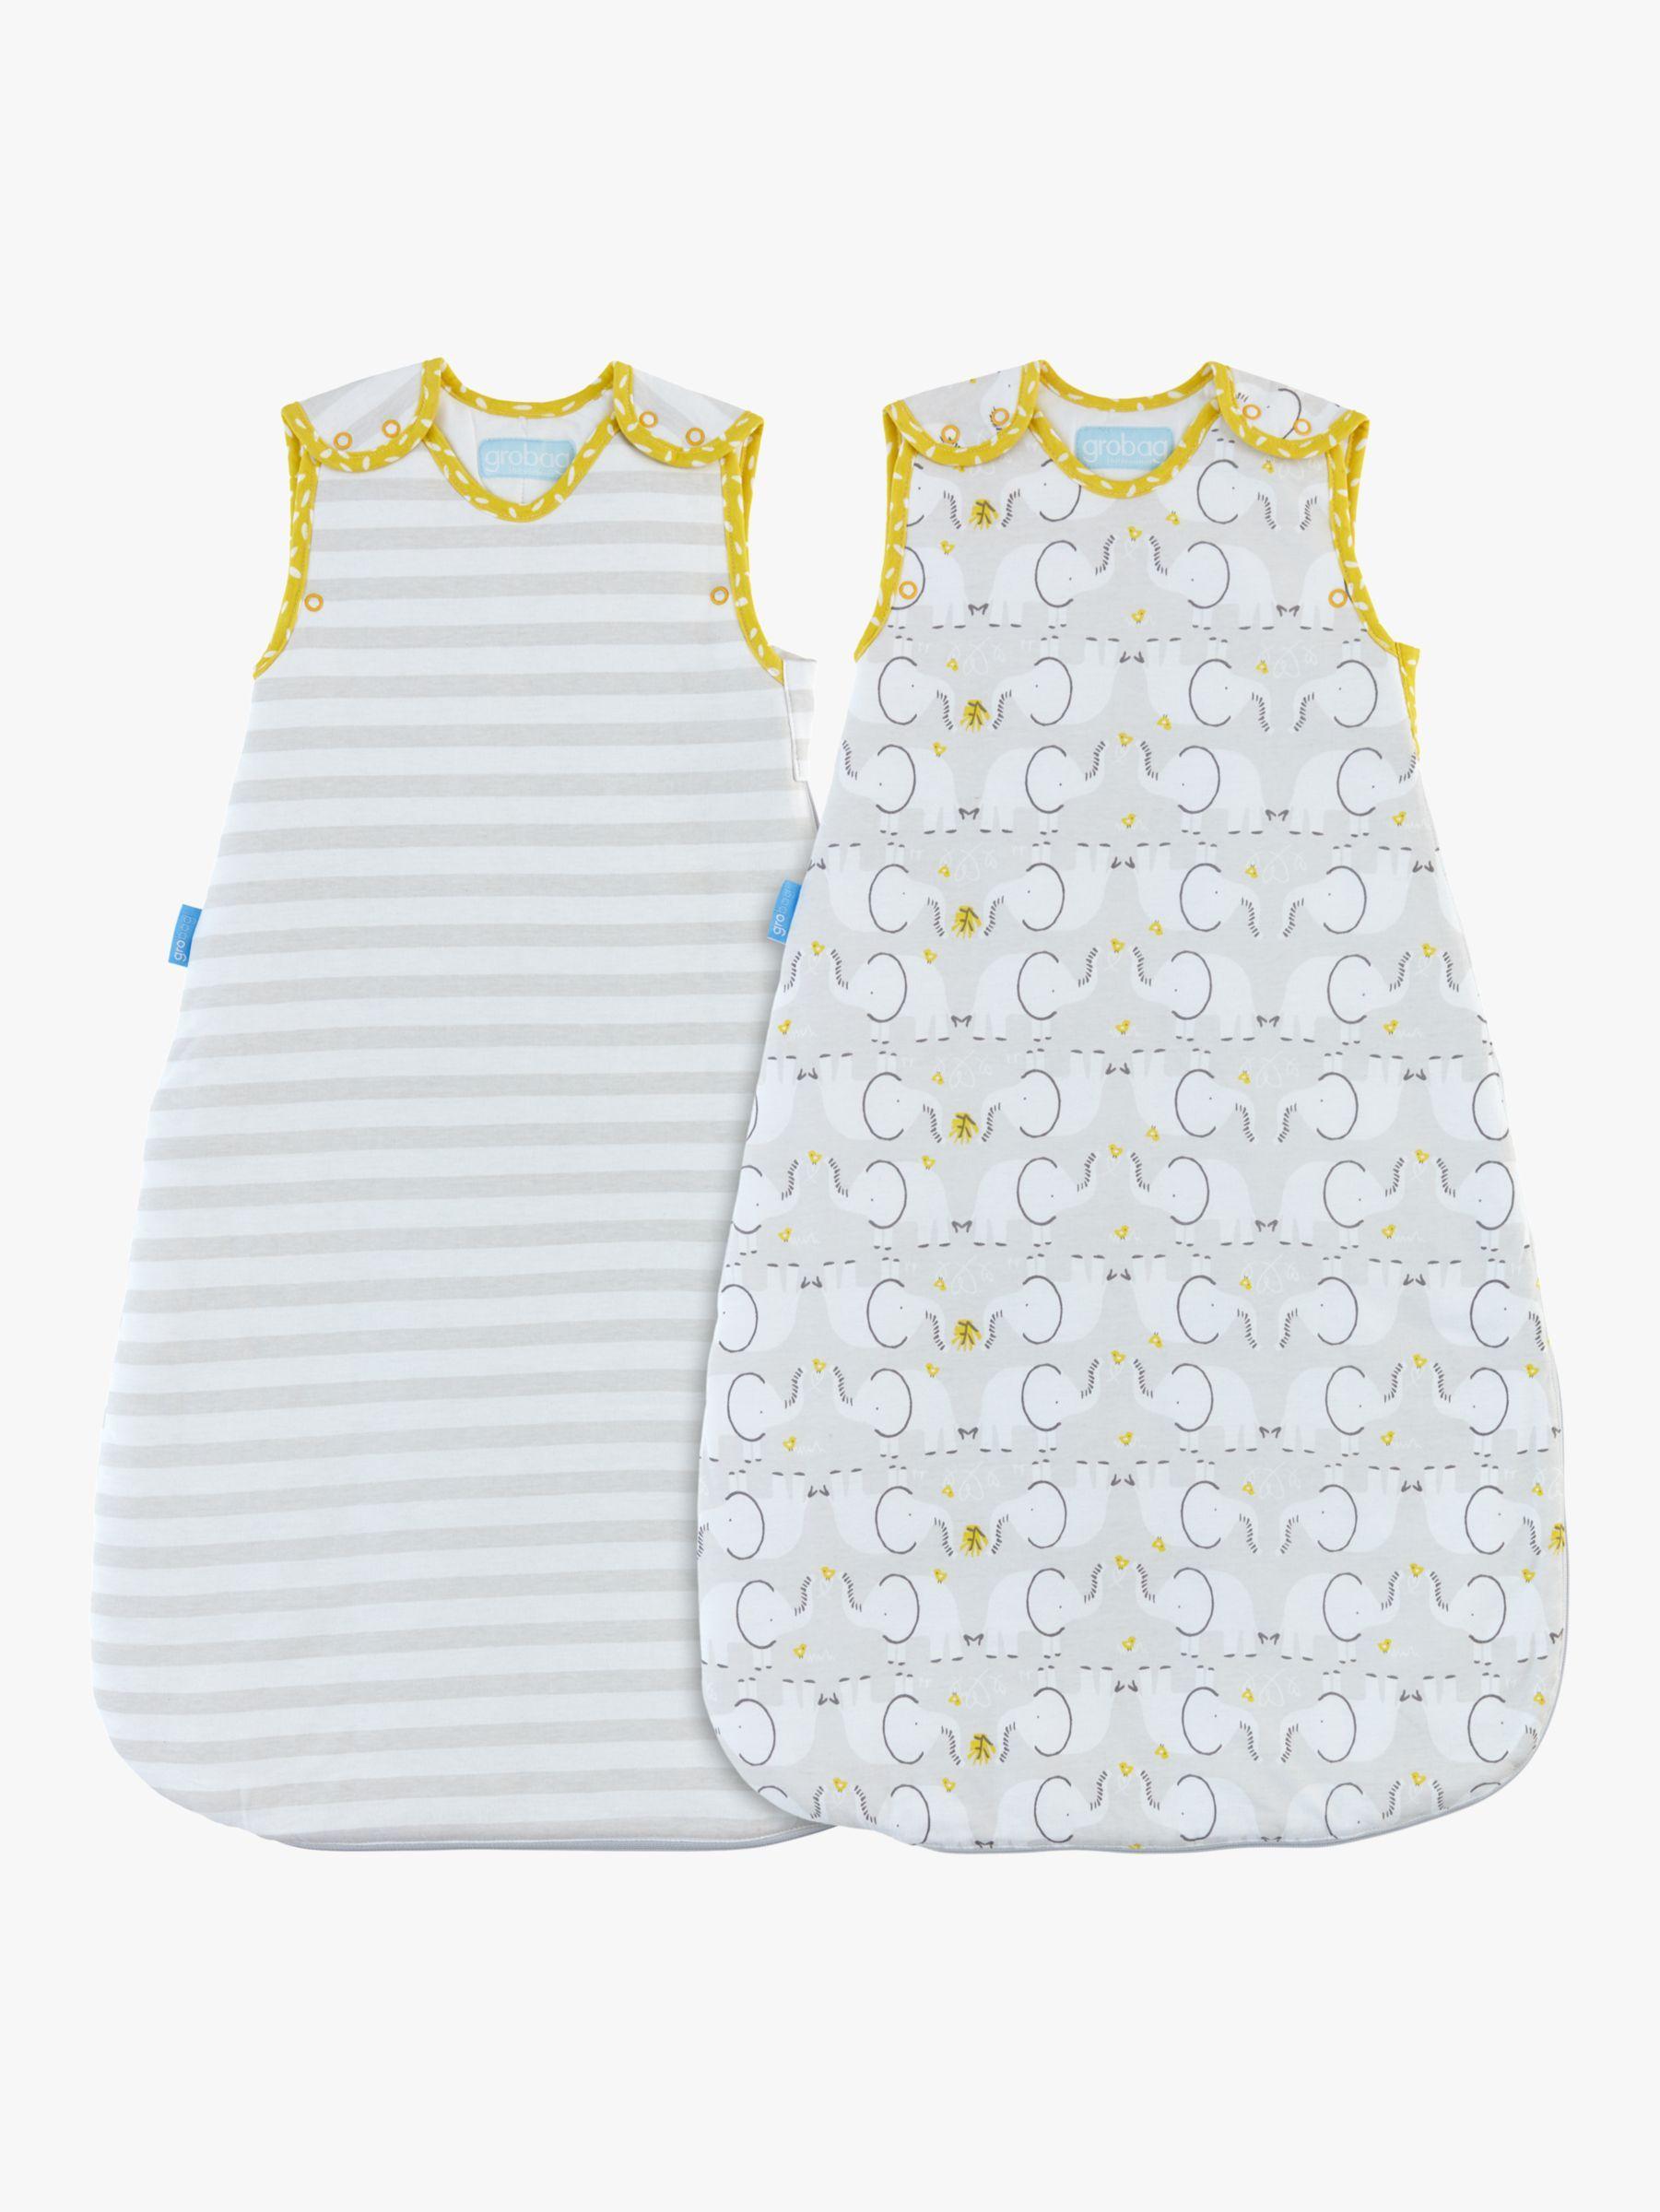 Grobag Elephant Love Twin Sleep Bag 2 5 Tog Pack Of 2 Grey Love Twins Elephant Love Baby Wearing